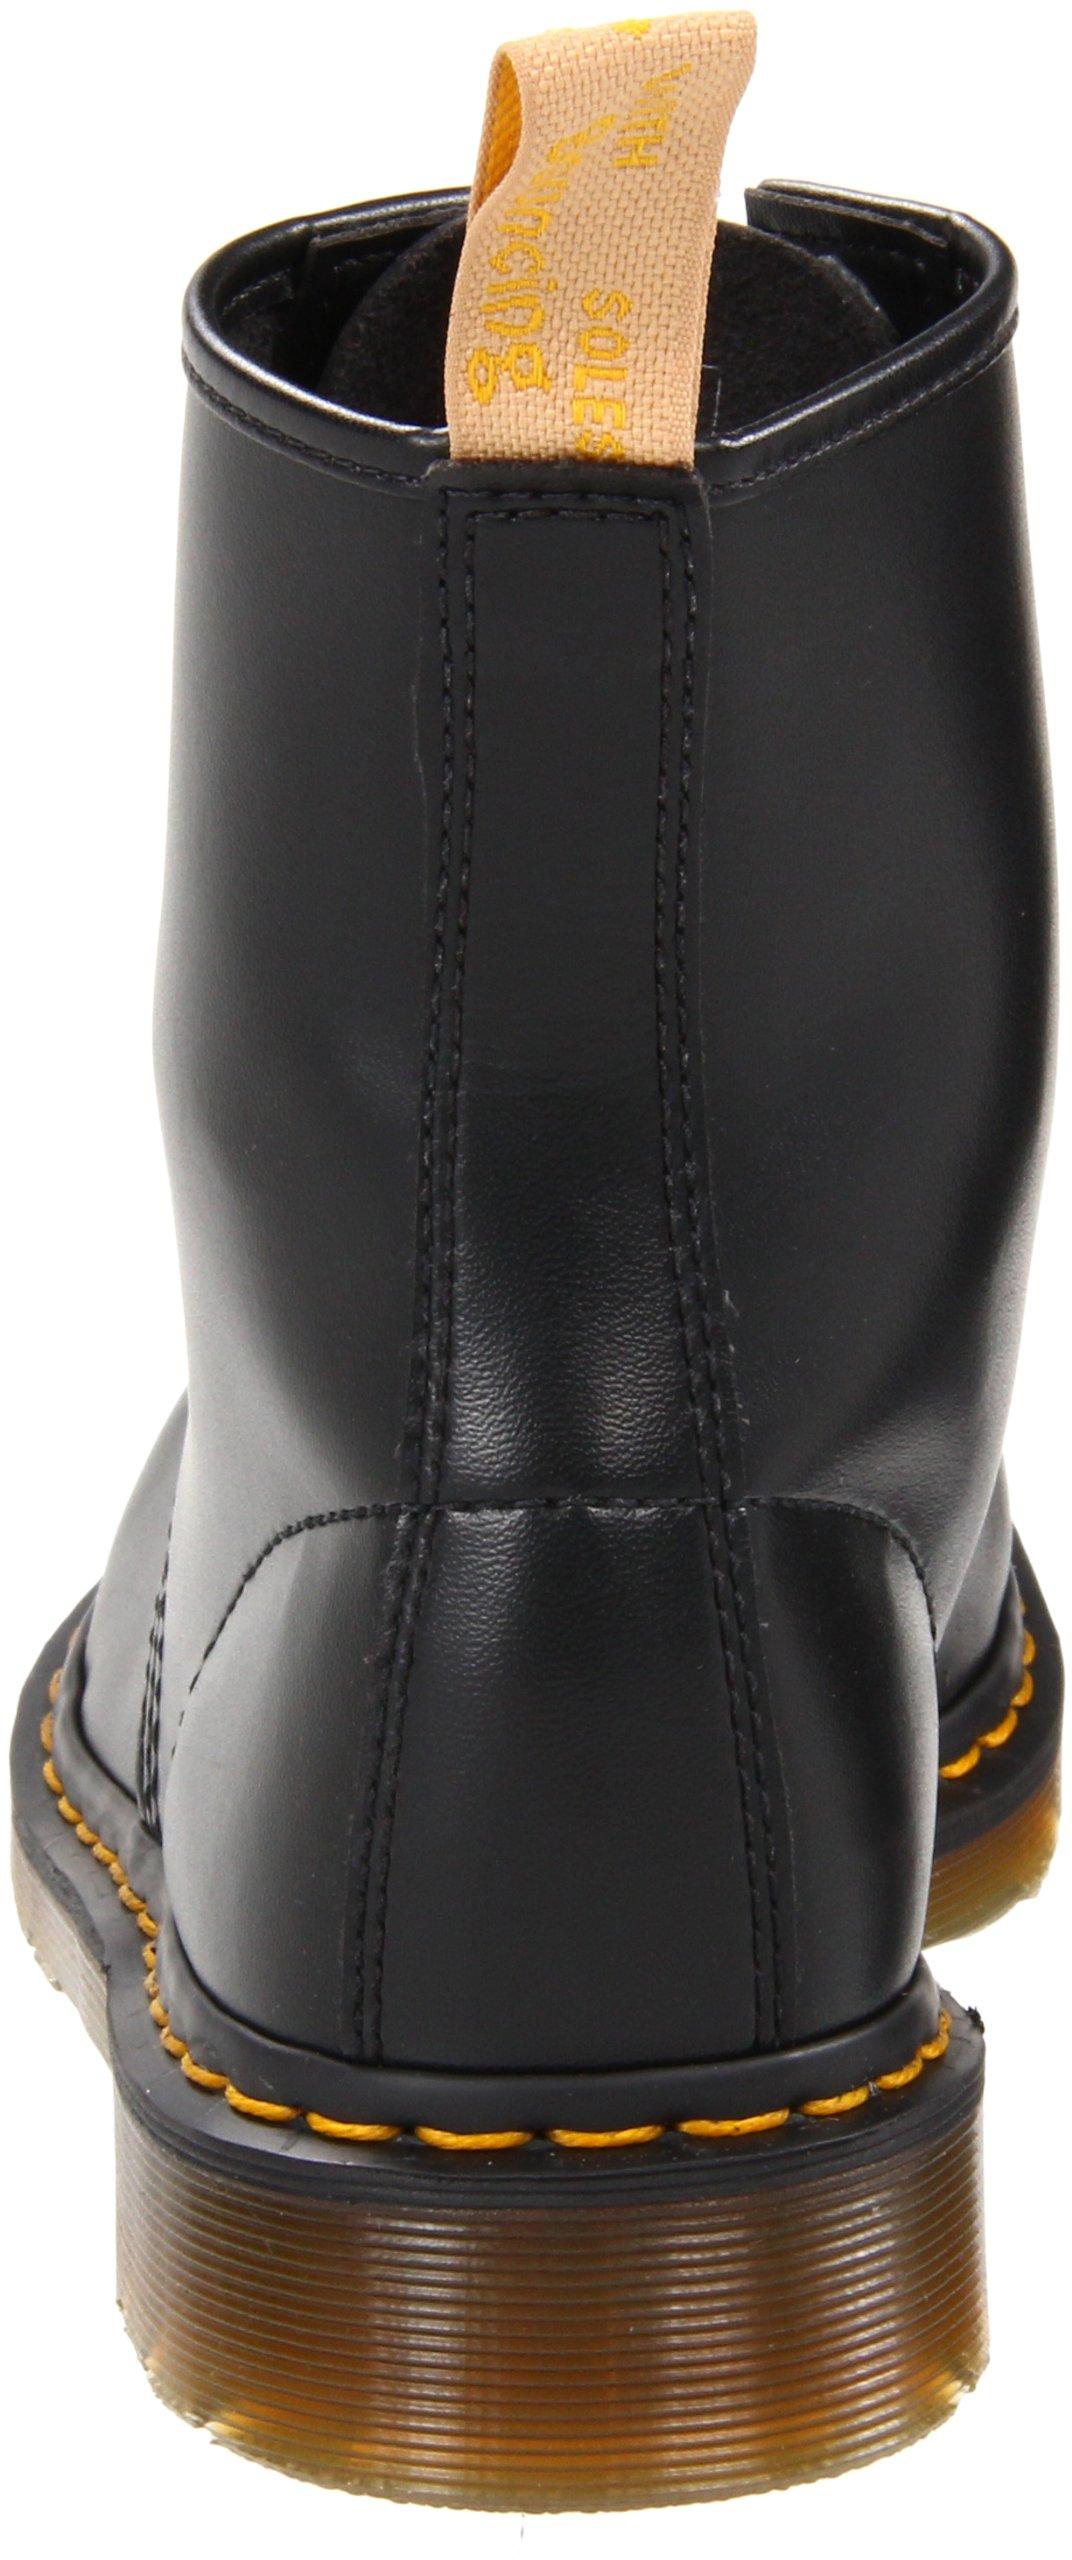 8362e8821cb6 Dr. Martens Vegan 1460 Boot